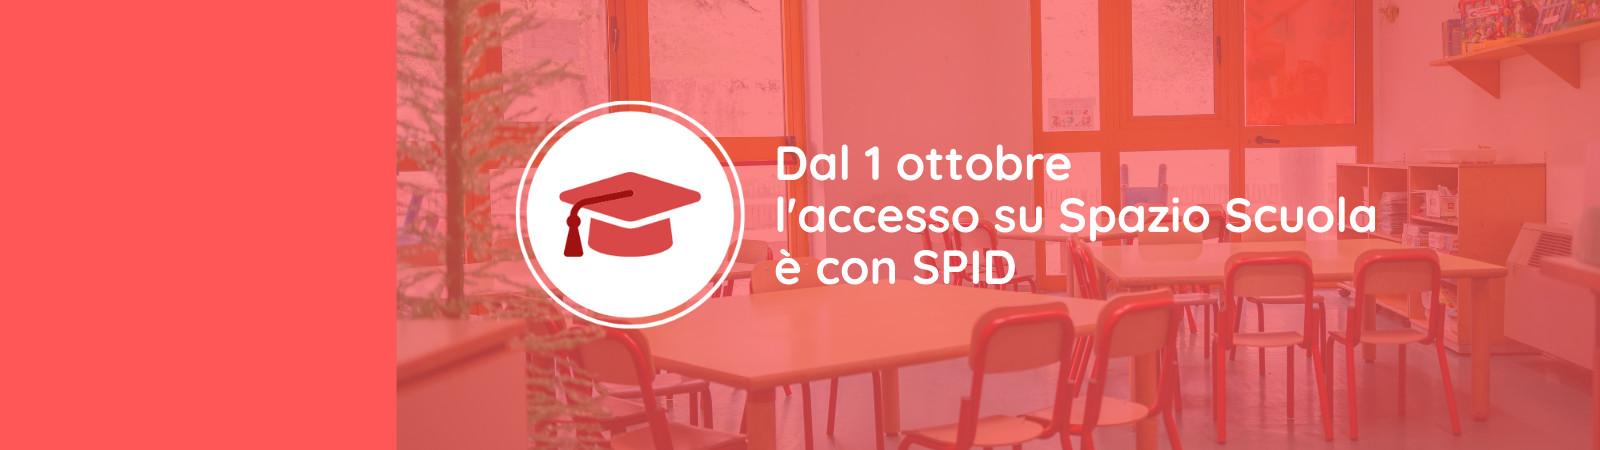 Spazio scuola: dal primo ottobre l'accesso è con Spid